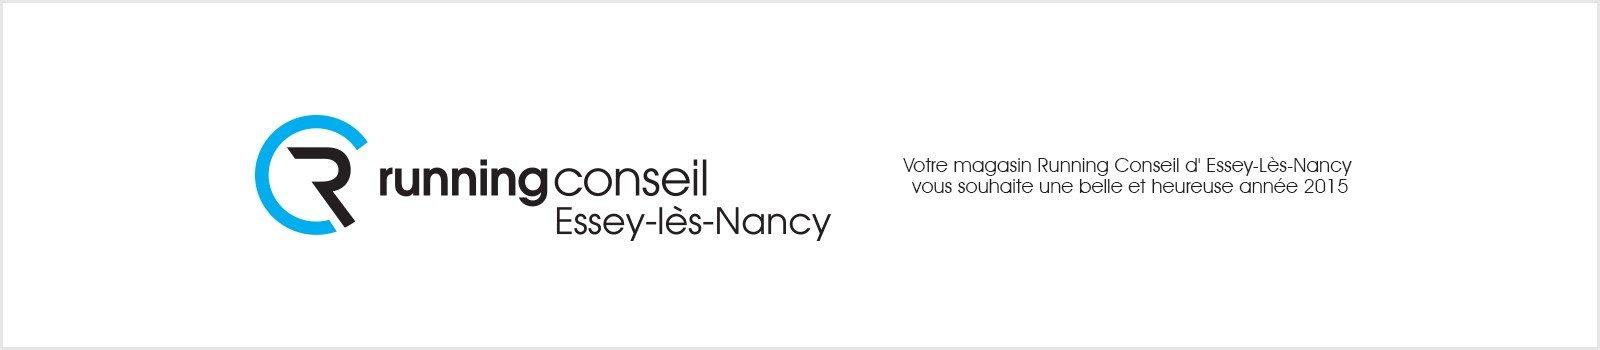 Votre magasin Running Conseil d' Essey-Lès-Nancy vous souhaite une belle et heureuse année 2015